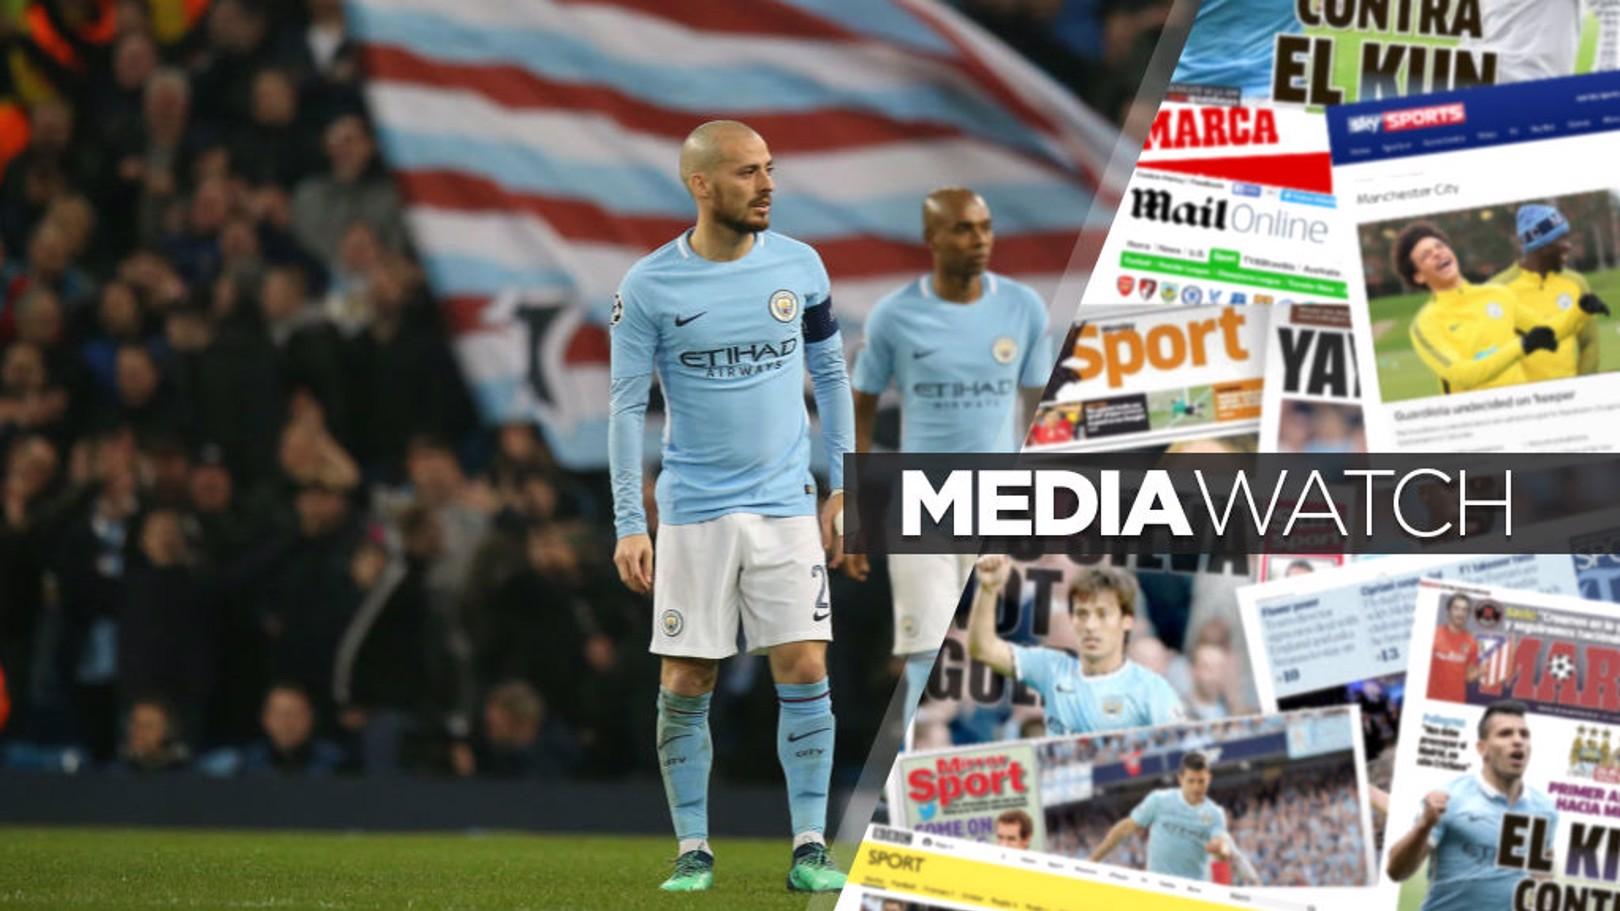 متابعة وسائل الإعلام بعد خروج مانشستر سيتي من دوري أبطال أوروبا.